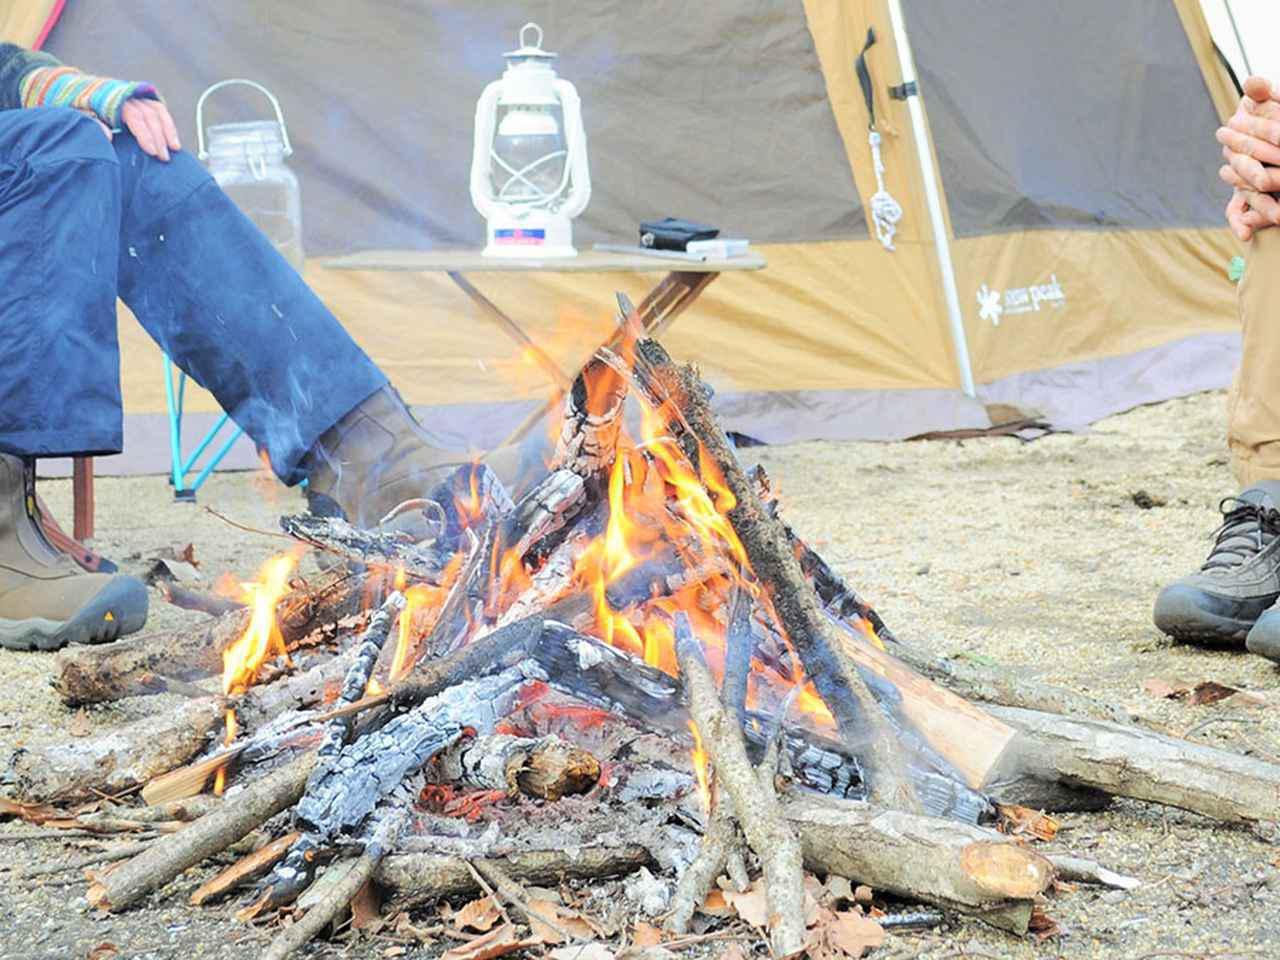 画像: 焚き火のルールとマナーをキャンプ場に聞いてみた! みんなが安全に気持ちよく焚き火をするには? - アウトドア情報メディア「SOTOBIRA」